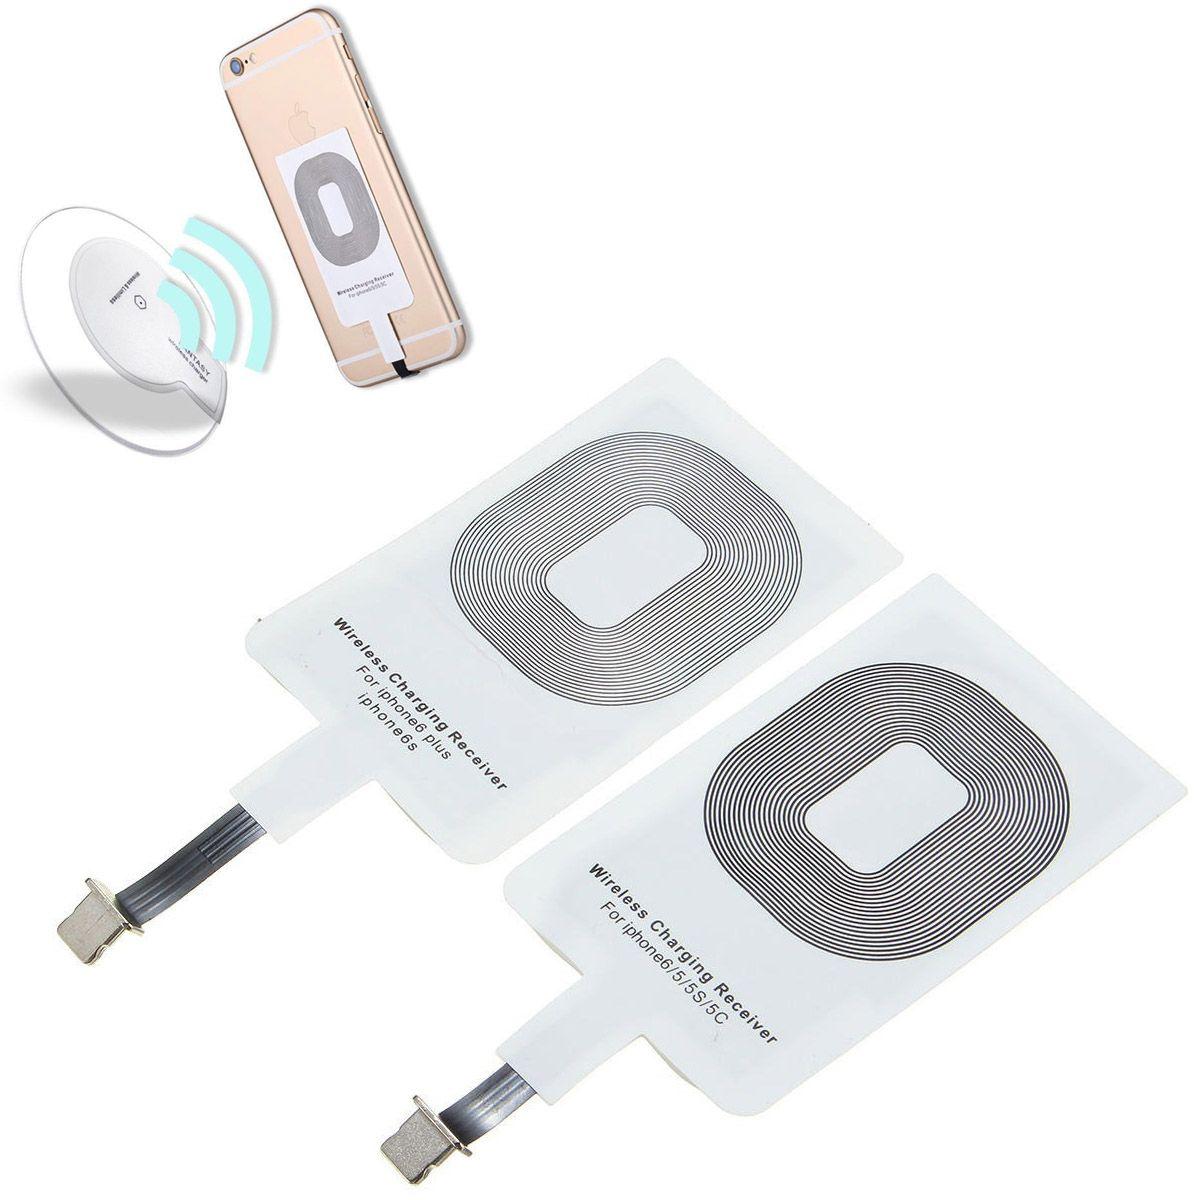 Adaptador Receptor Indução Sem Fio Celular Carregador Iphone